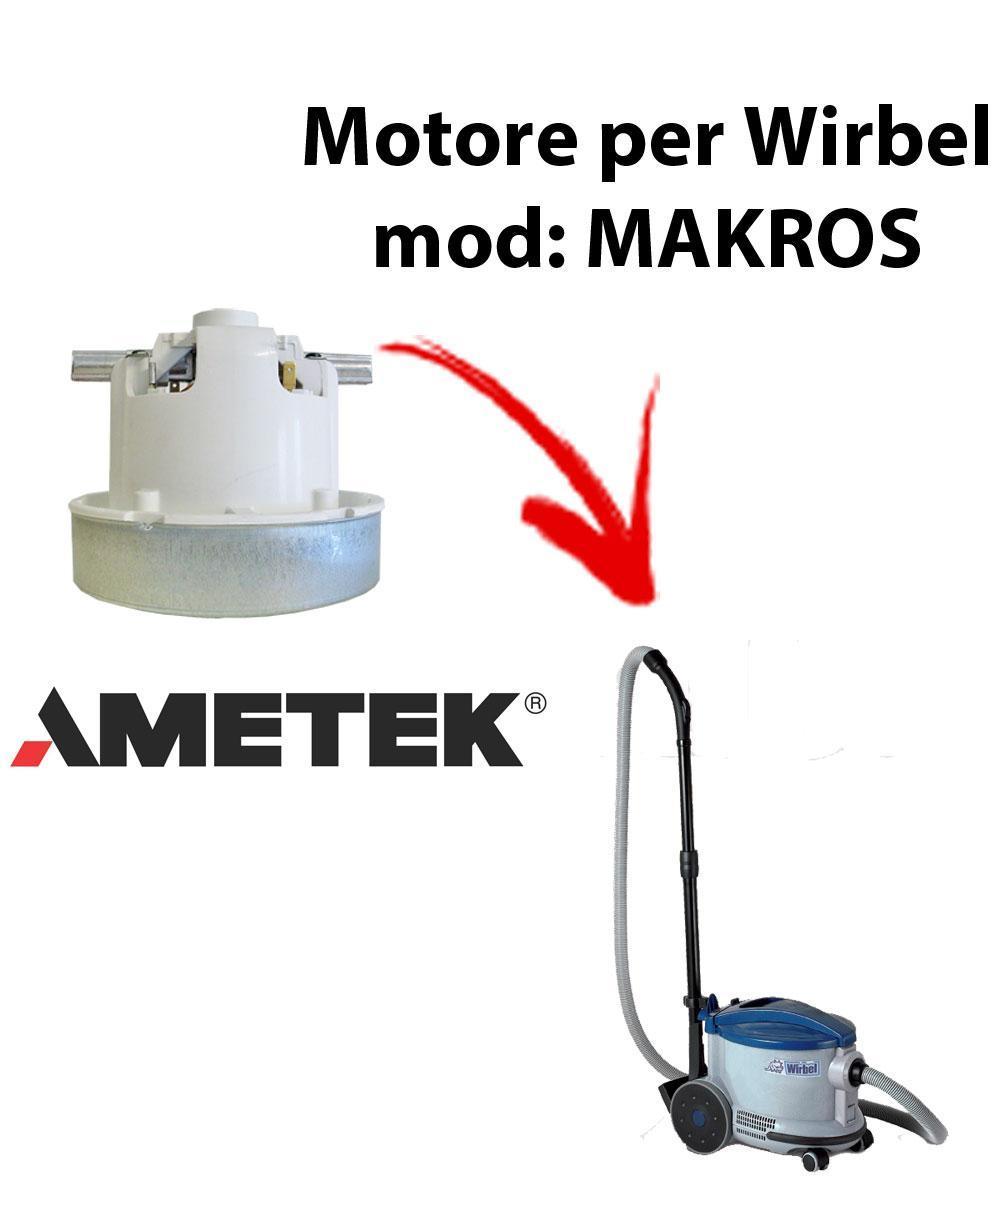 MAKROS Saugmotor AMETEK für Staubsauger WIRBEL